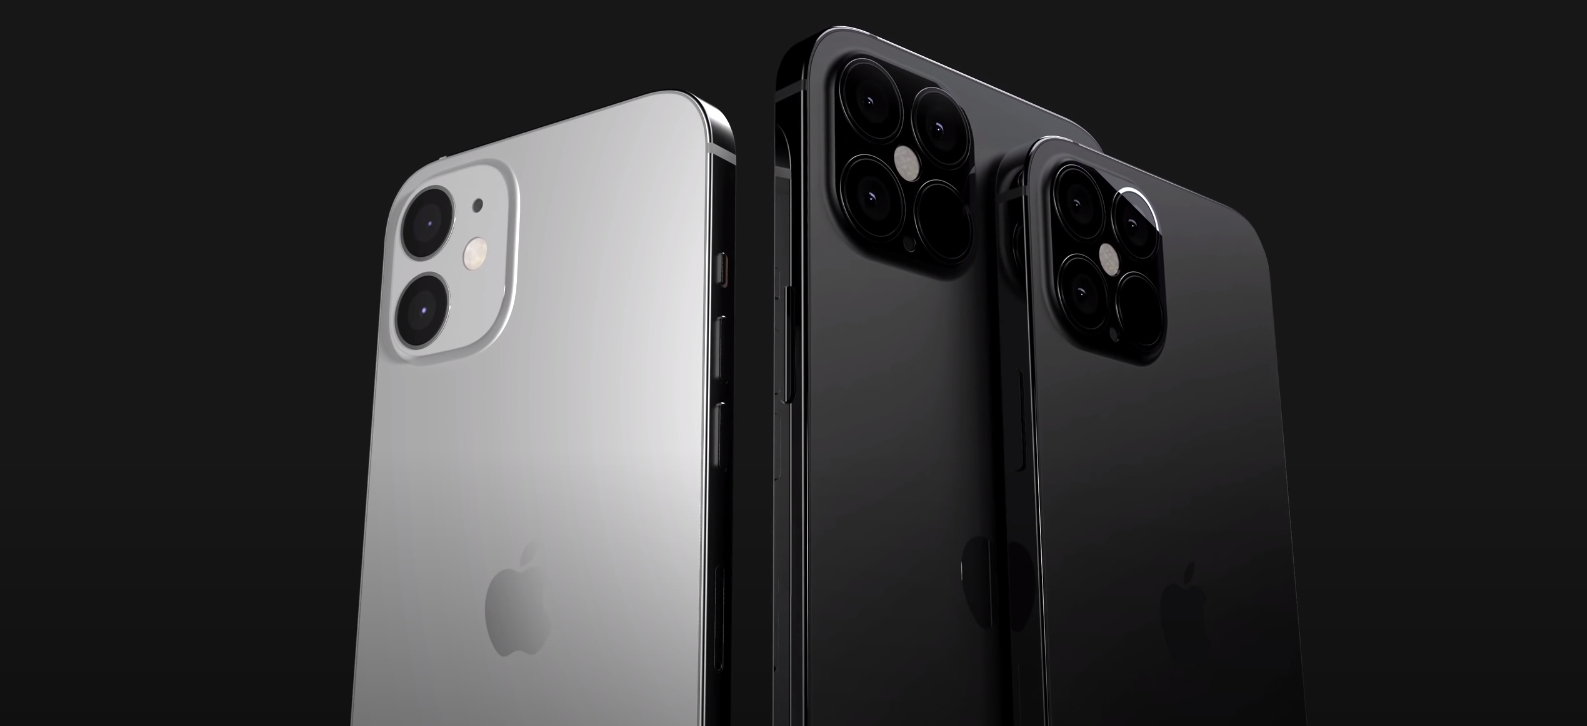 iPhone 12 nabídne nejvyšší RAM v historii iPhonu